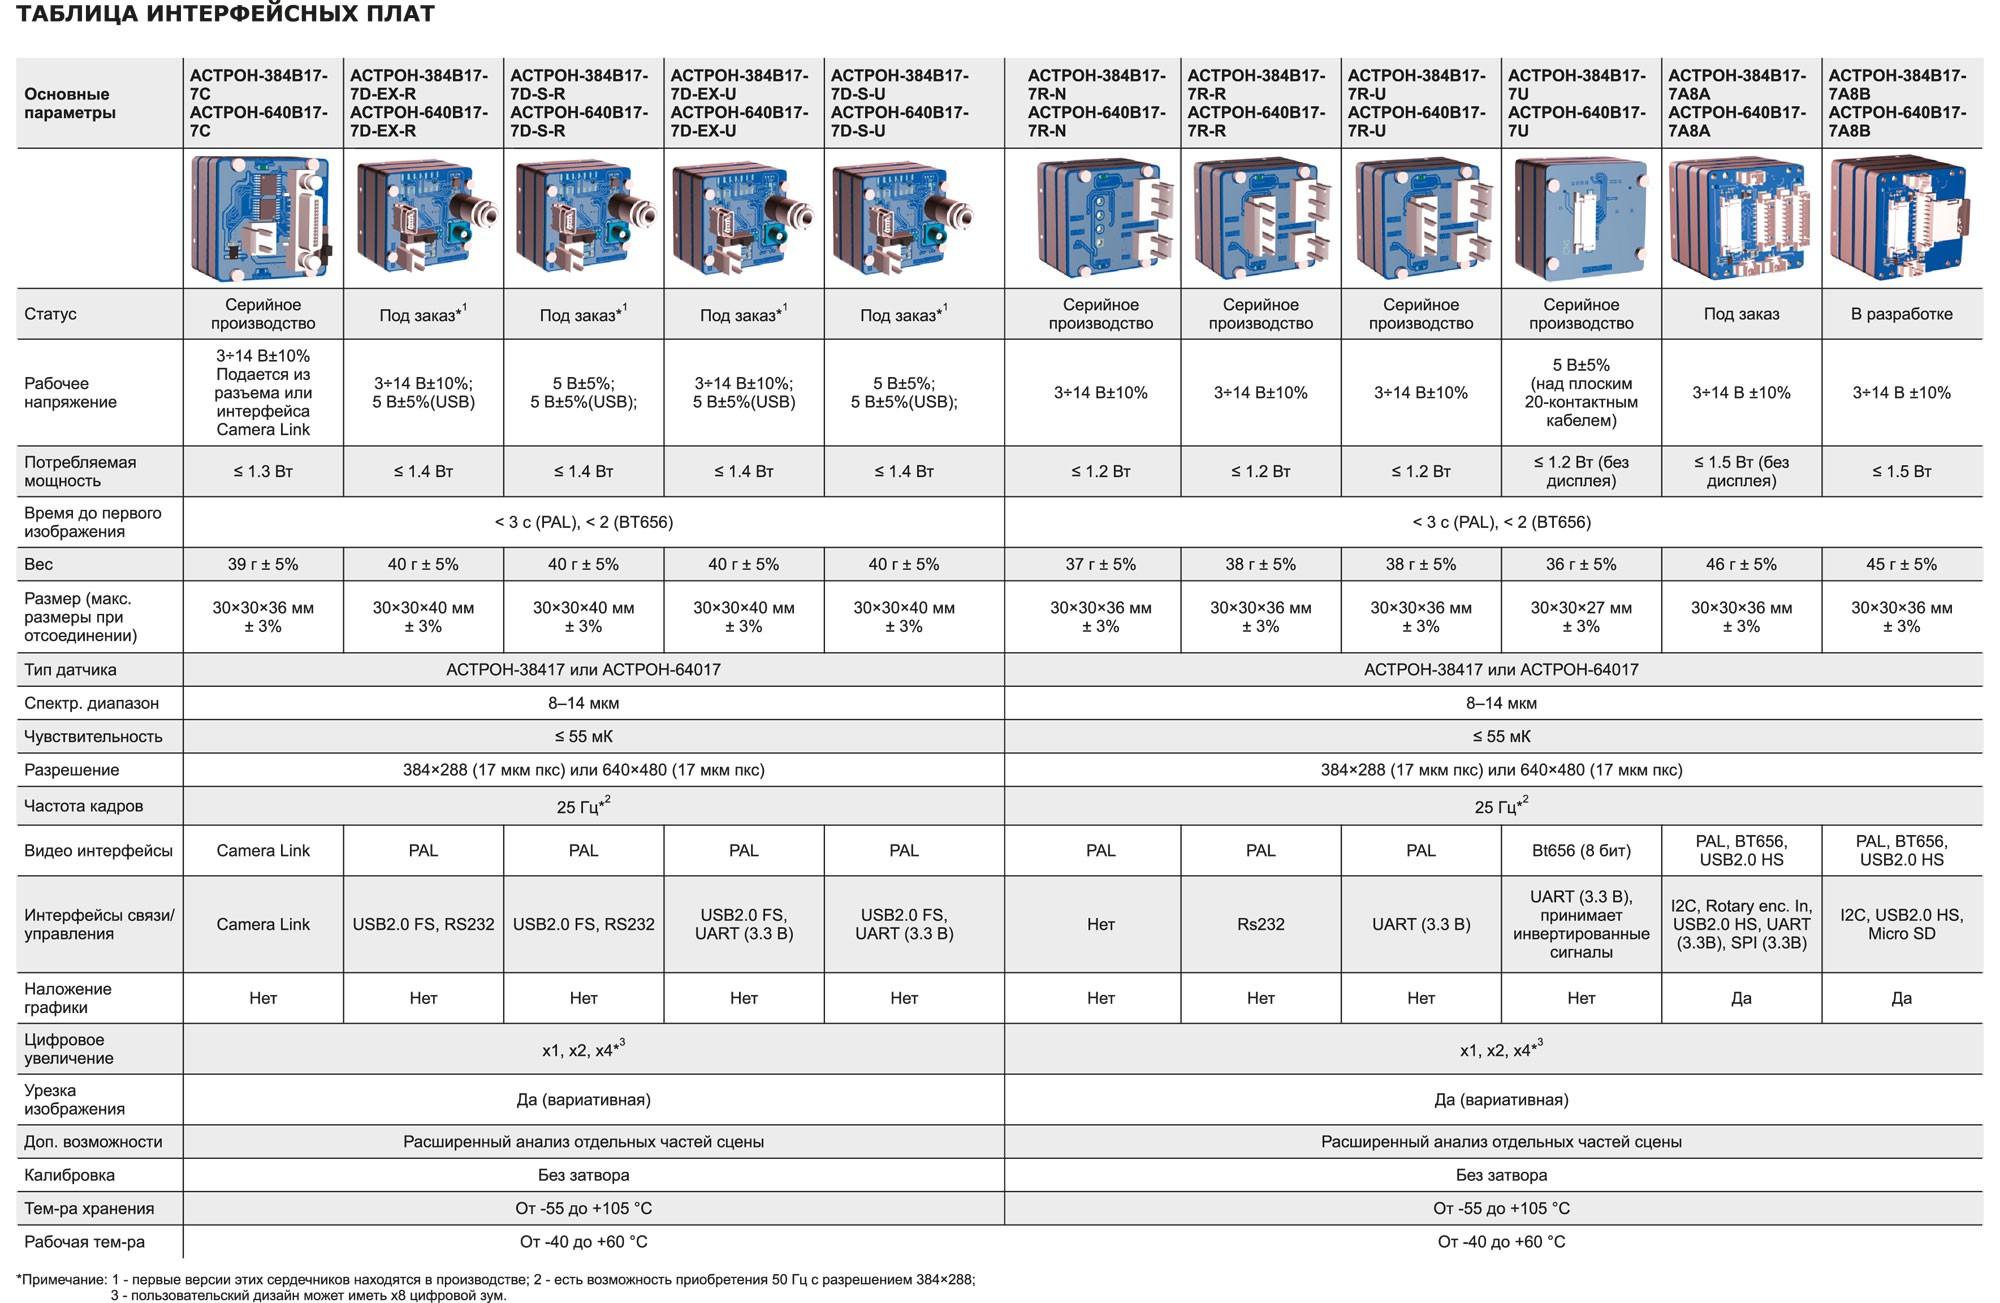 Таблица интерфейсных плат